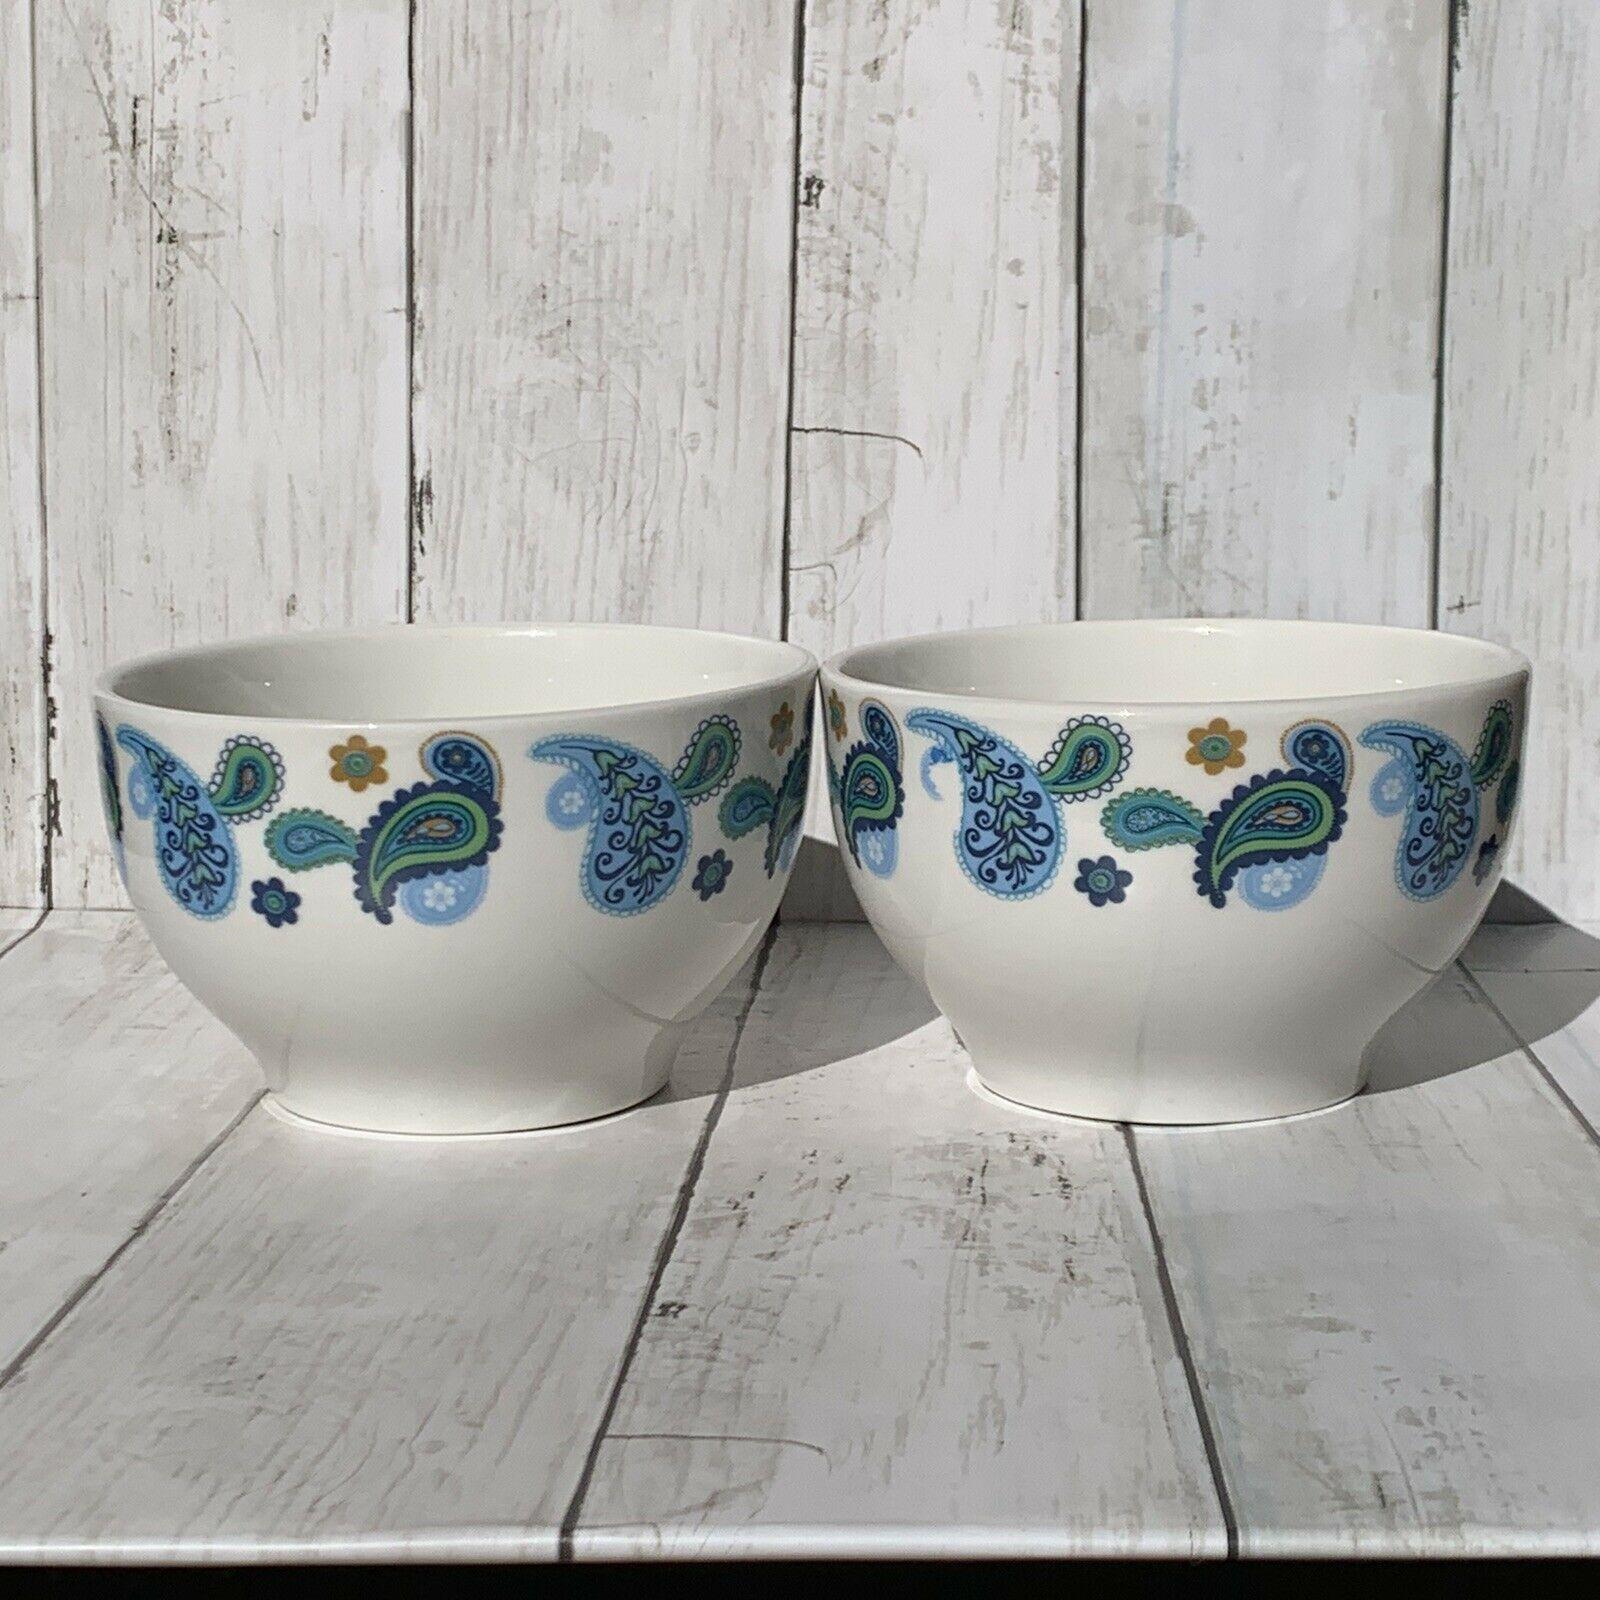 Royal Norfolk Set 2 Blue Paisley Cereal Bowls Stoneware Bowl bohemian chic Boho - $19.79